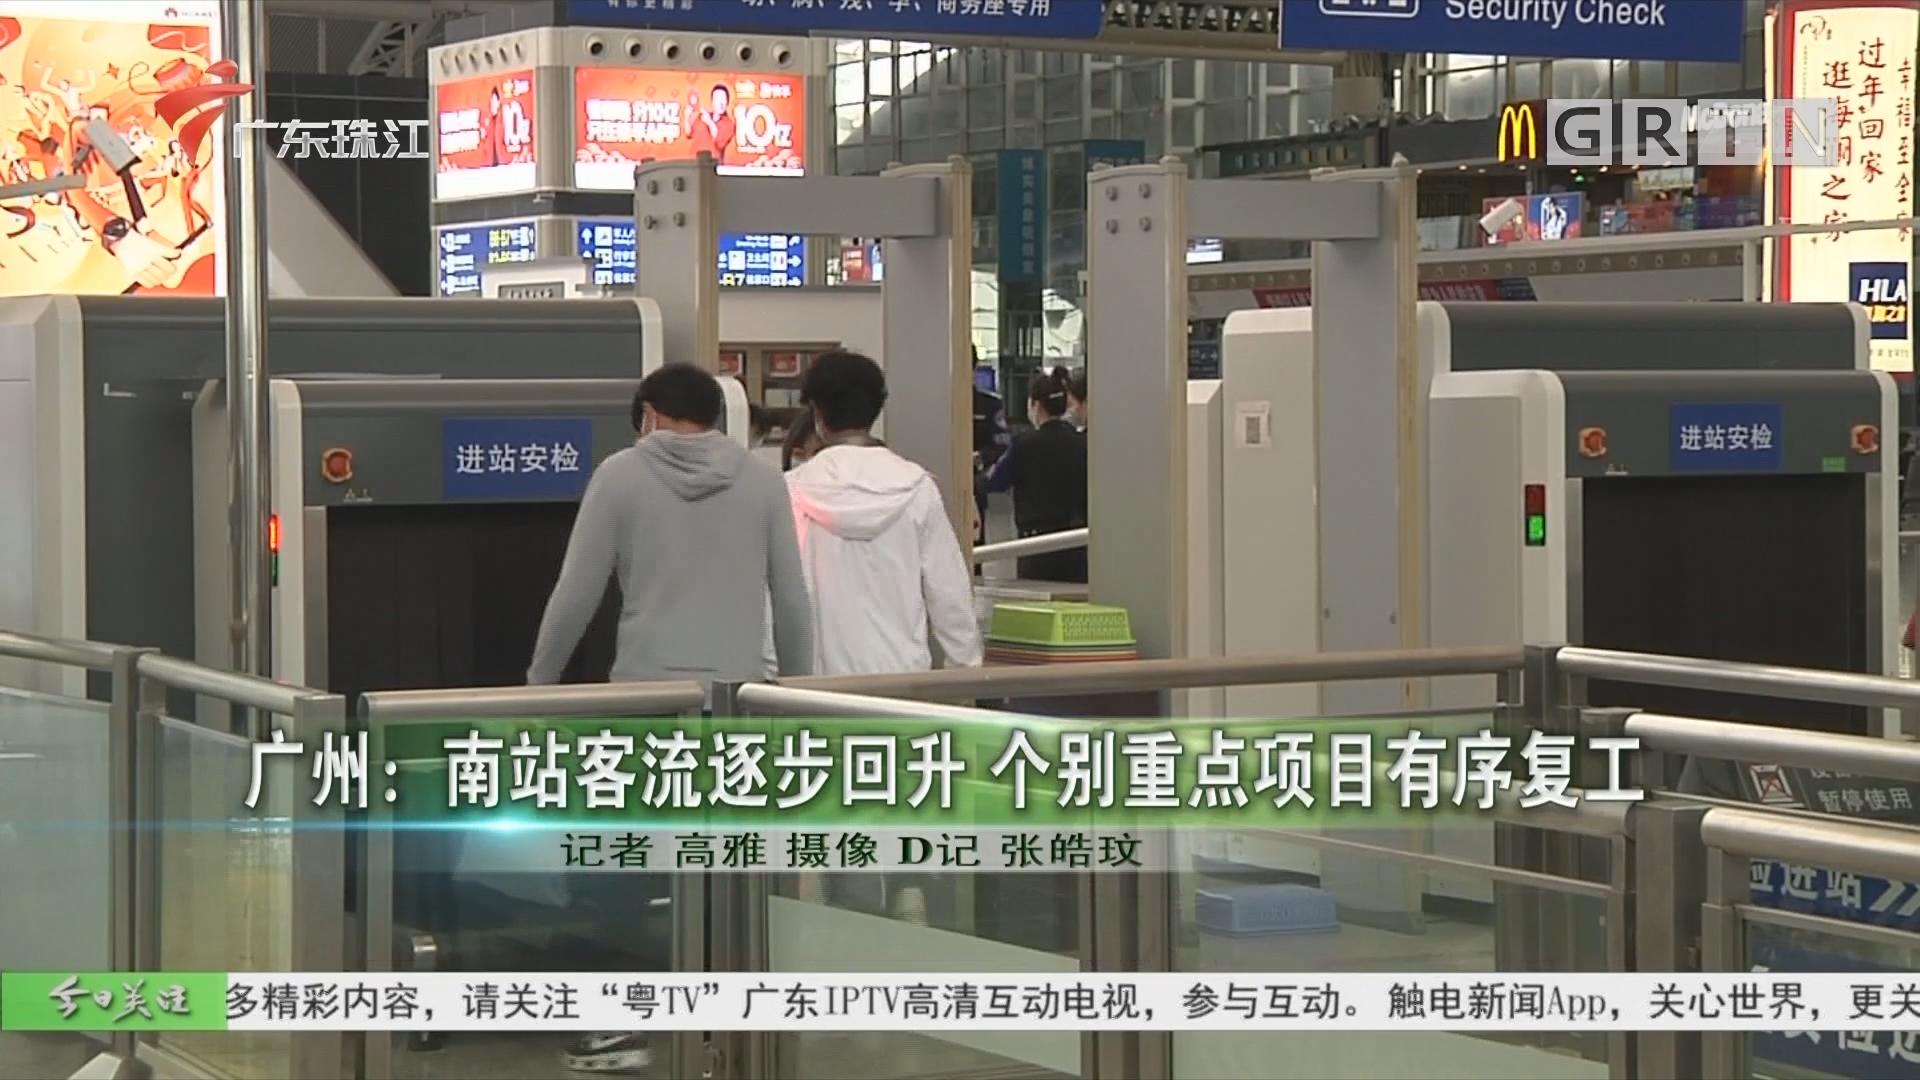 广州:南站客流逐步回升 个别重点项目有序复工